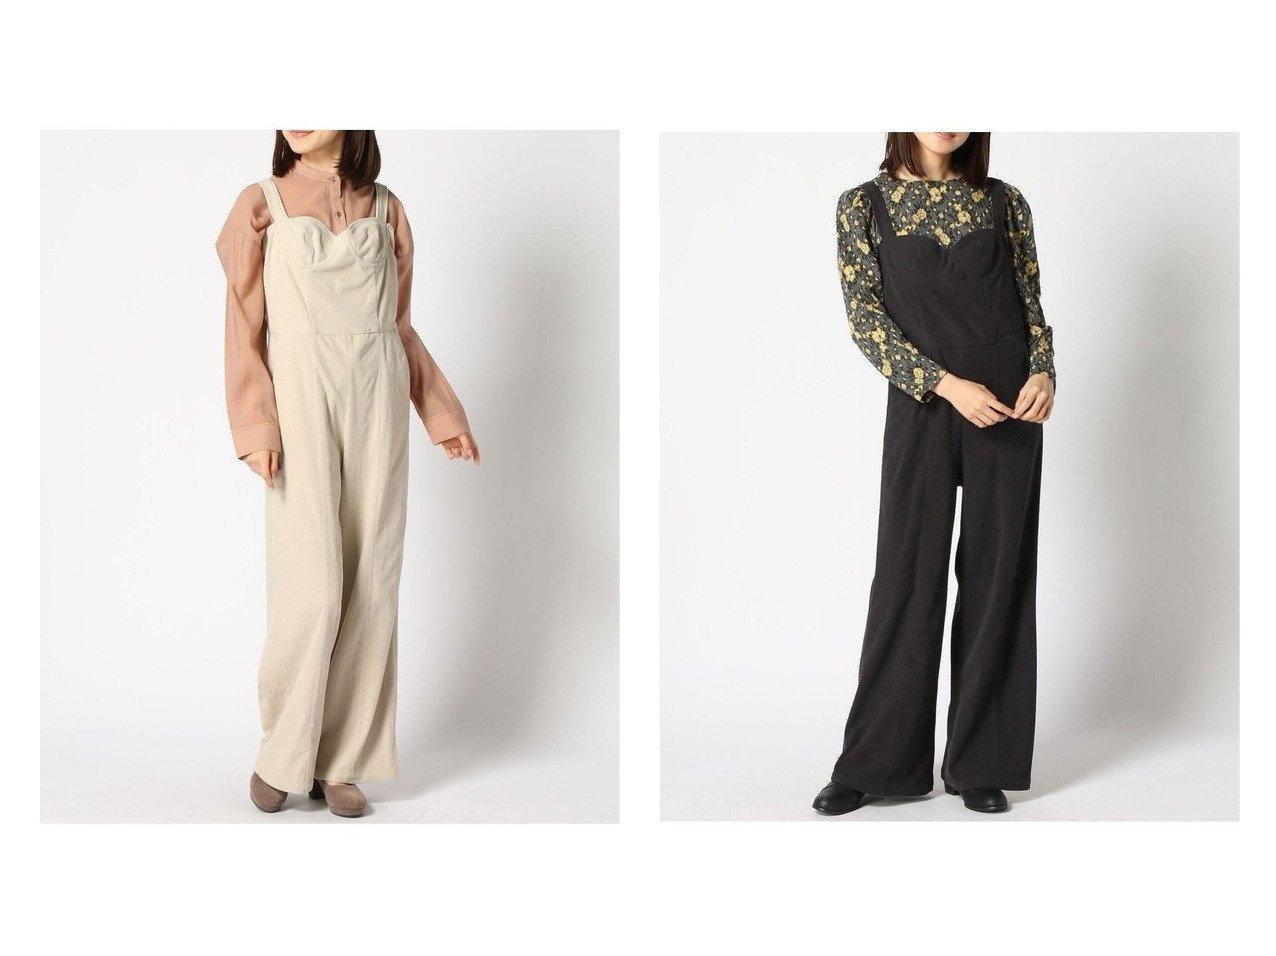 【U by Spick&Span/ユーバイ スピック&スパン】のコーデュロイ ビスチェオールインワン2 おすすめ!人気、トレンド・レディースファッションの通販  おすすめで人気の流行・トレンド、ファッションの通販商品 メンズファッション・キッズファッション・インテリア・家具・レディースファッション・服の通販 founy(ファニー) https://founy.com/ ファッション Fashion レディースファッション WOMEN NEW・新作・新着・新入荷 New Arrivals 2020年 2020 2020-2021 秋冬 A/W AW Autumn/Winter / FW Fall-Winter 2020-2021 A/W 秋冬 AW Autumn/Winter / FW Fall-Winter コーデュロイ サロペット ジーンズ |ID:crp329100000015660